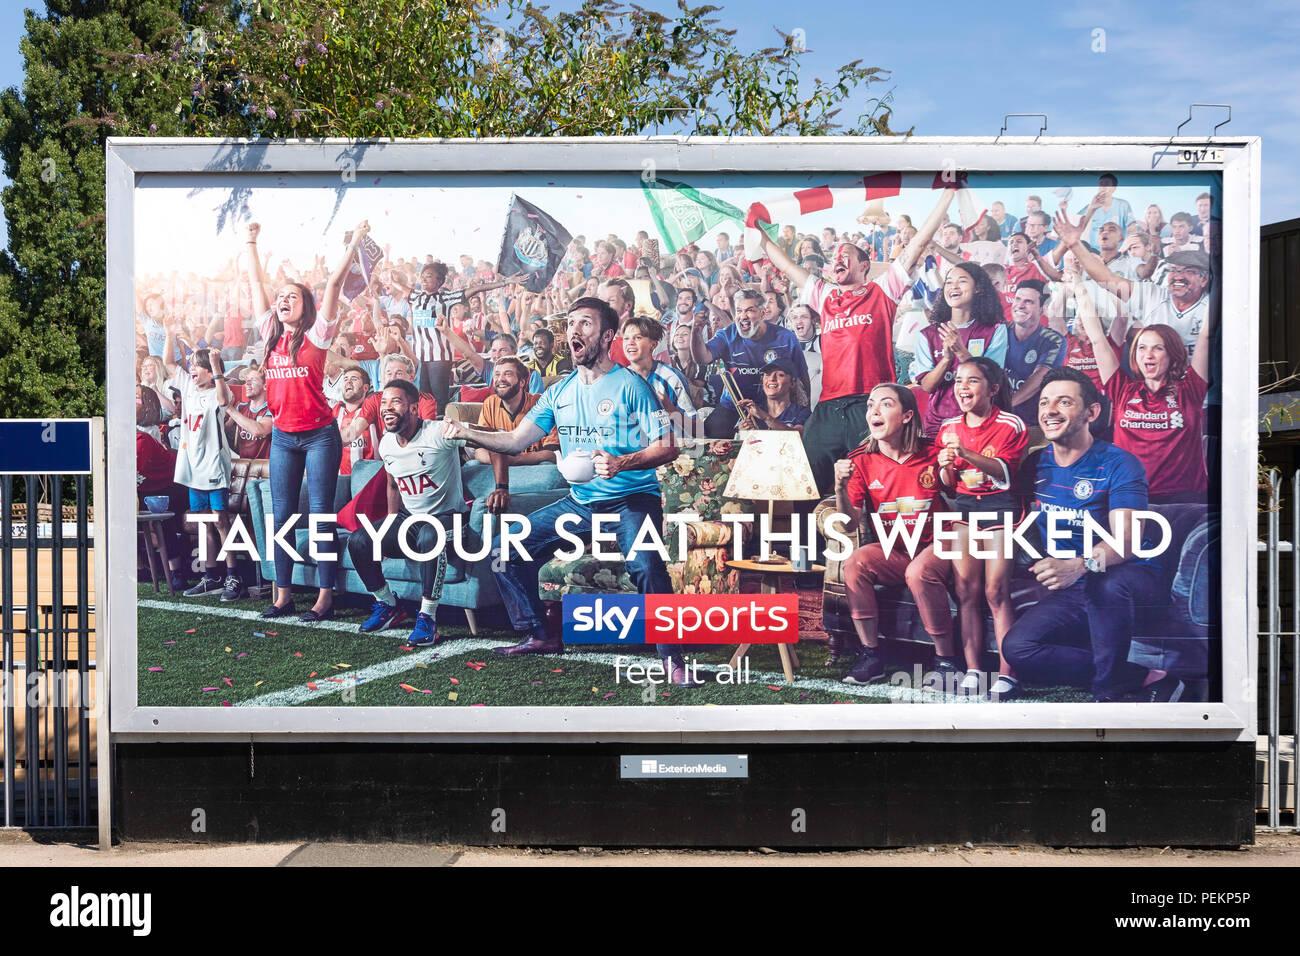 Sky Sports acaparamiento de publicidad en la plataforma de tren Ashford, Surrey, Inglaterra, Reino Unido Imagen De Stock